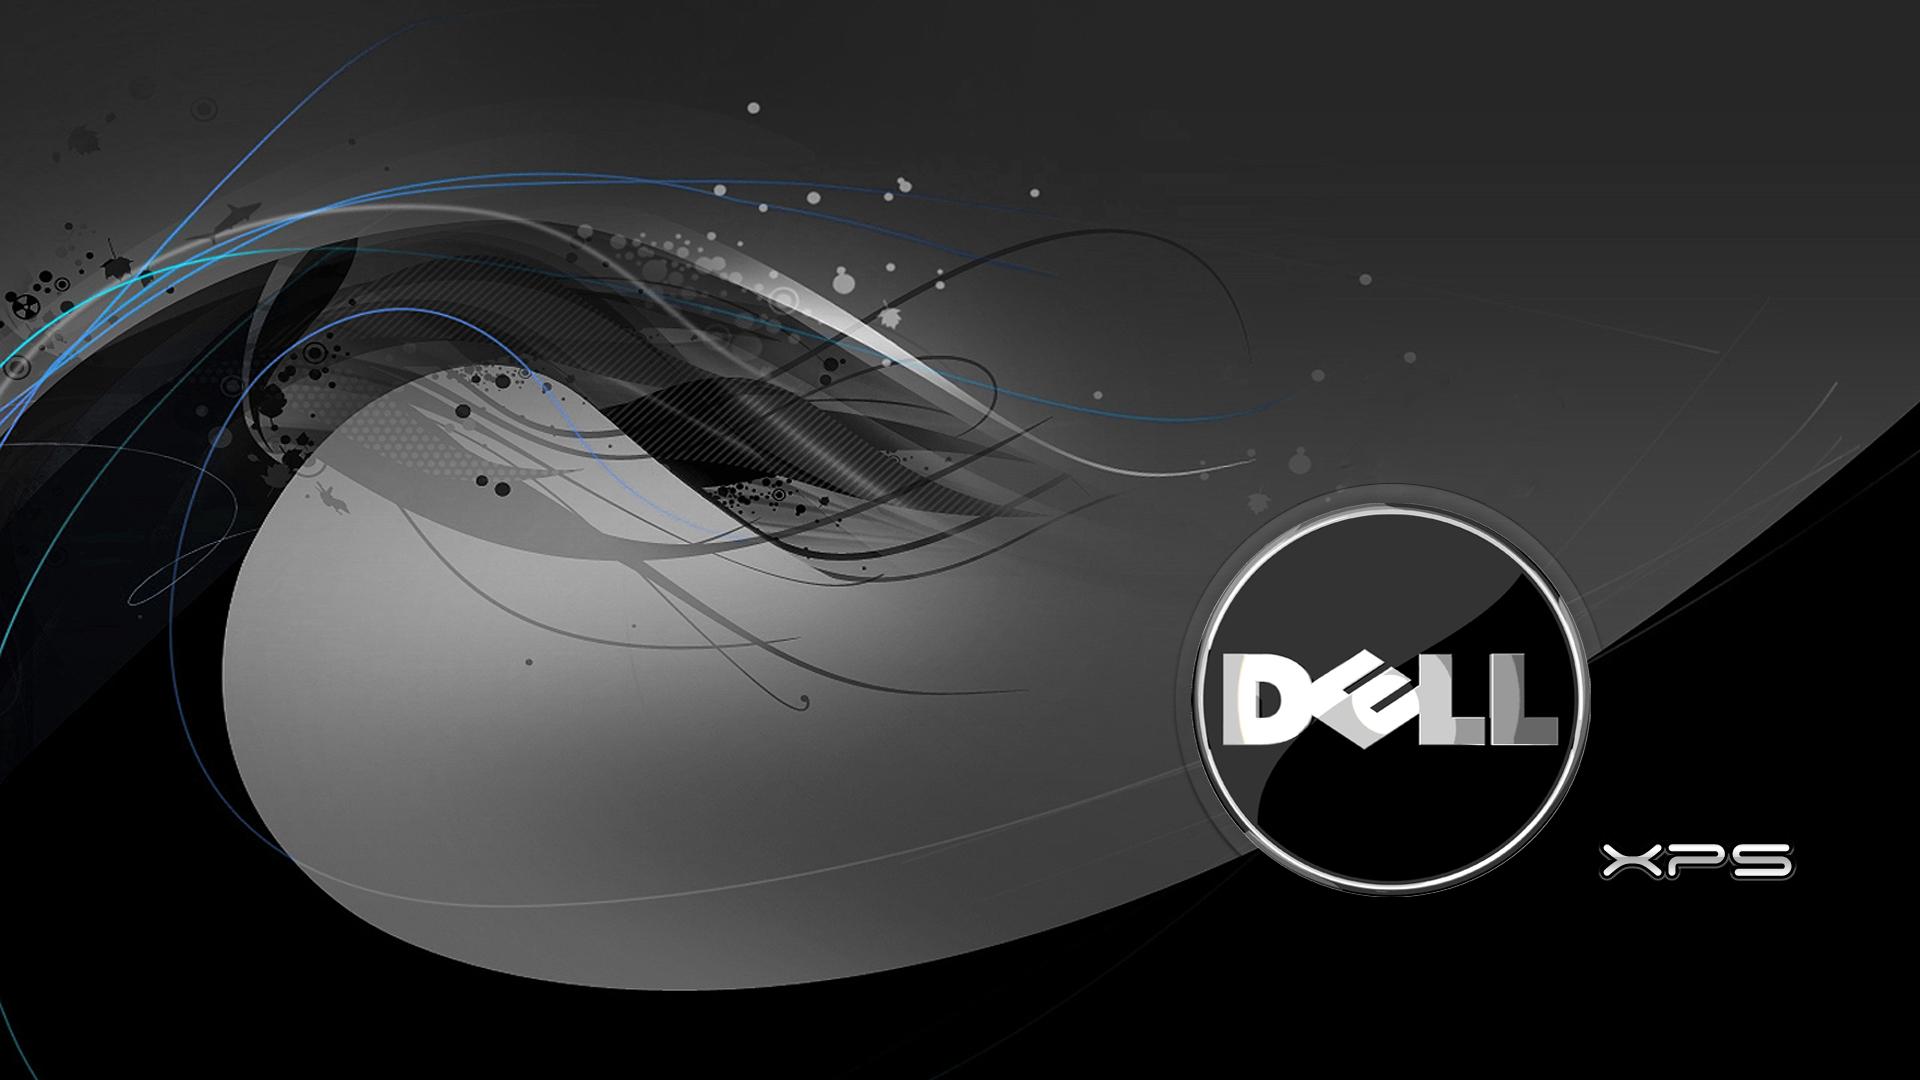 Dell HD Wallpaper 1920x1080